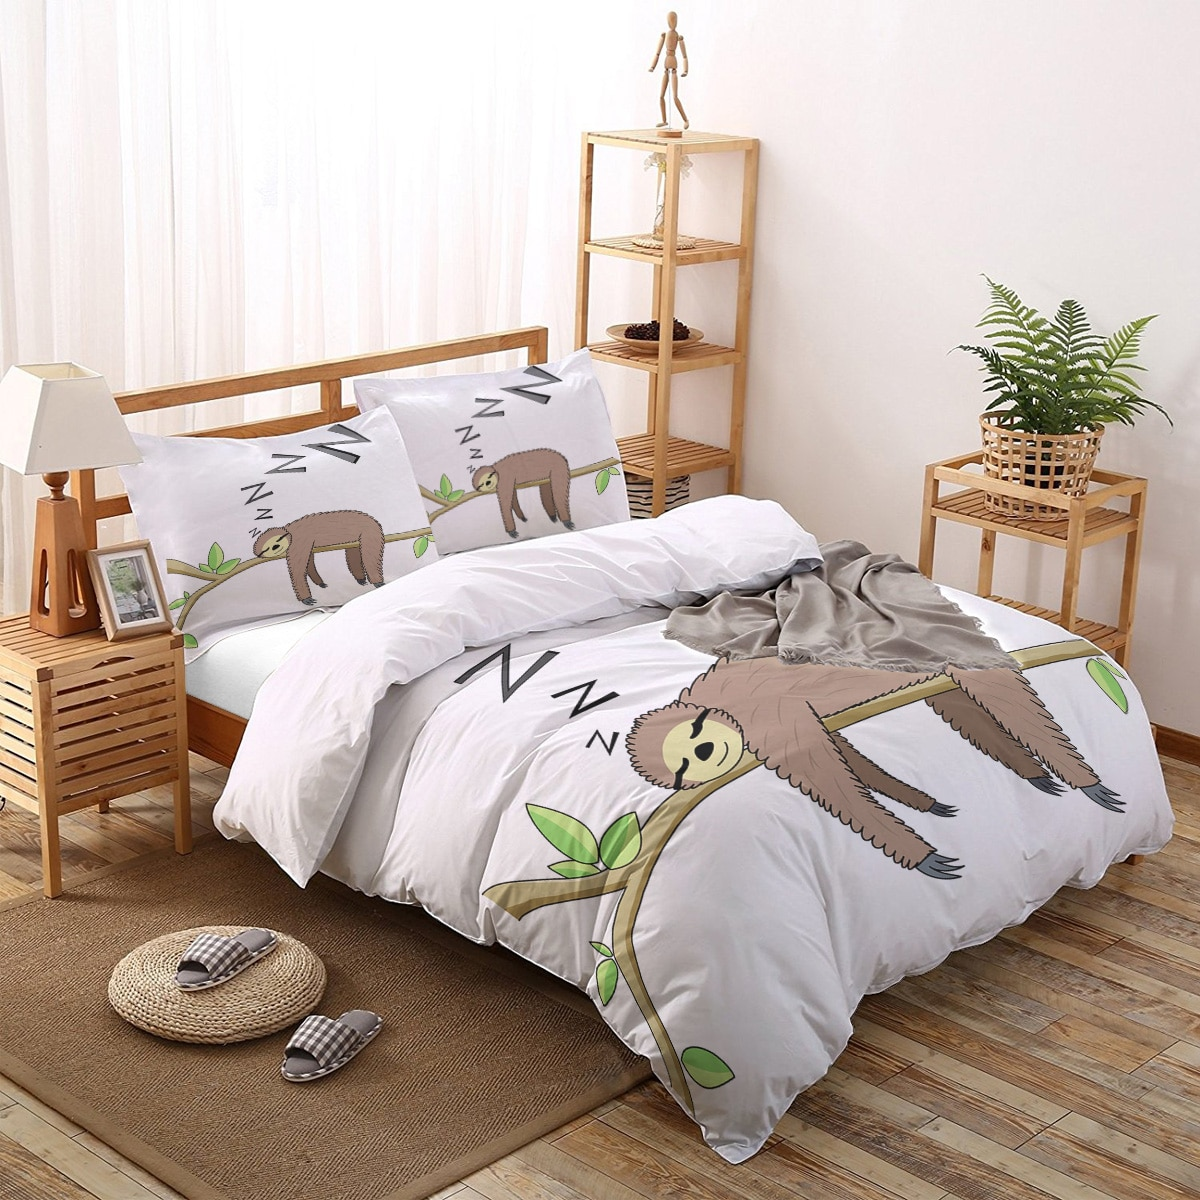 لطيف الحيوان الكسل حاف طقم أغطية طقم سرير الموضة طباعة غطاء لحاف الملكة الملك الحجم الكبار المفارش